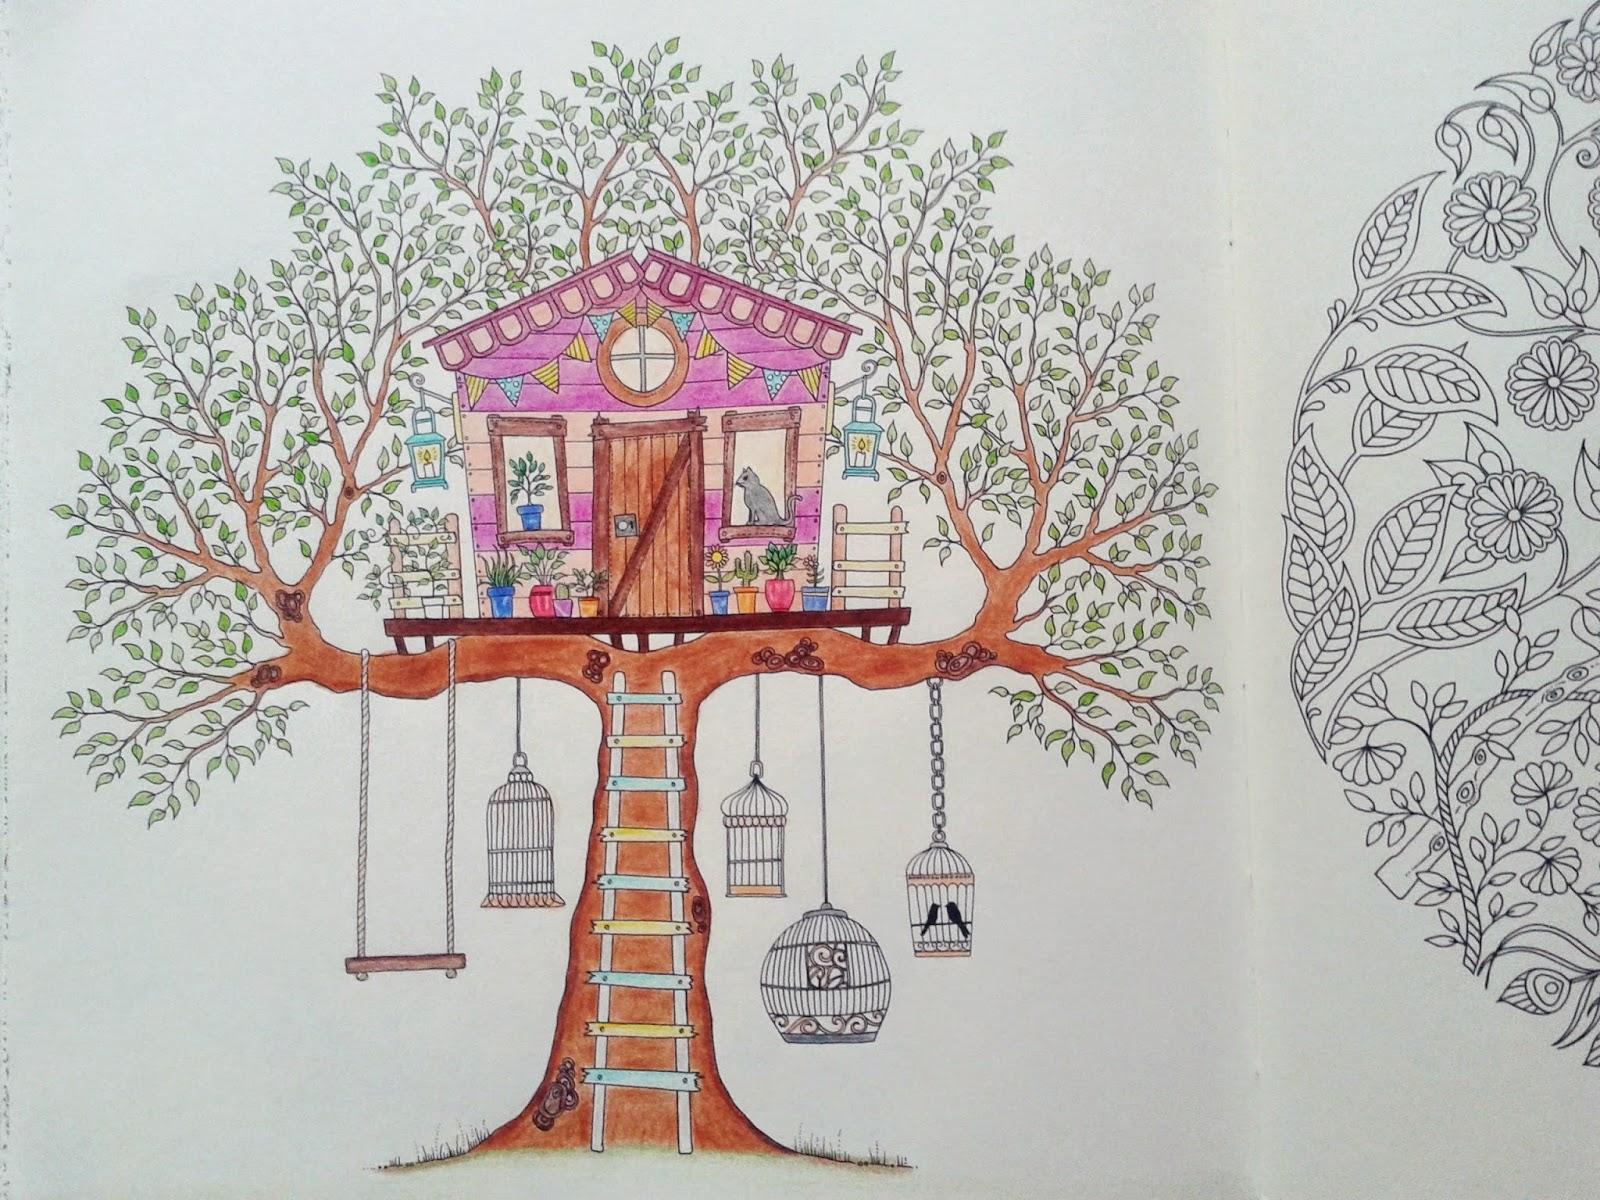 fotos do livro jardim secreto : fotos do livro jardim secreto: para comprar um de 48 e terminar de colorir o Jardim Secreto